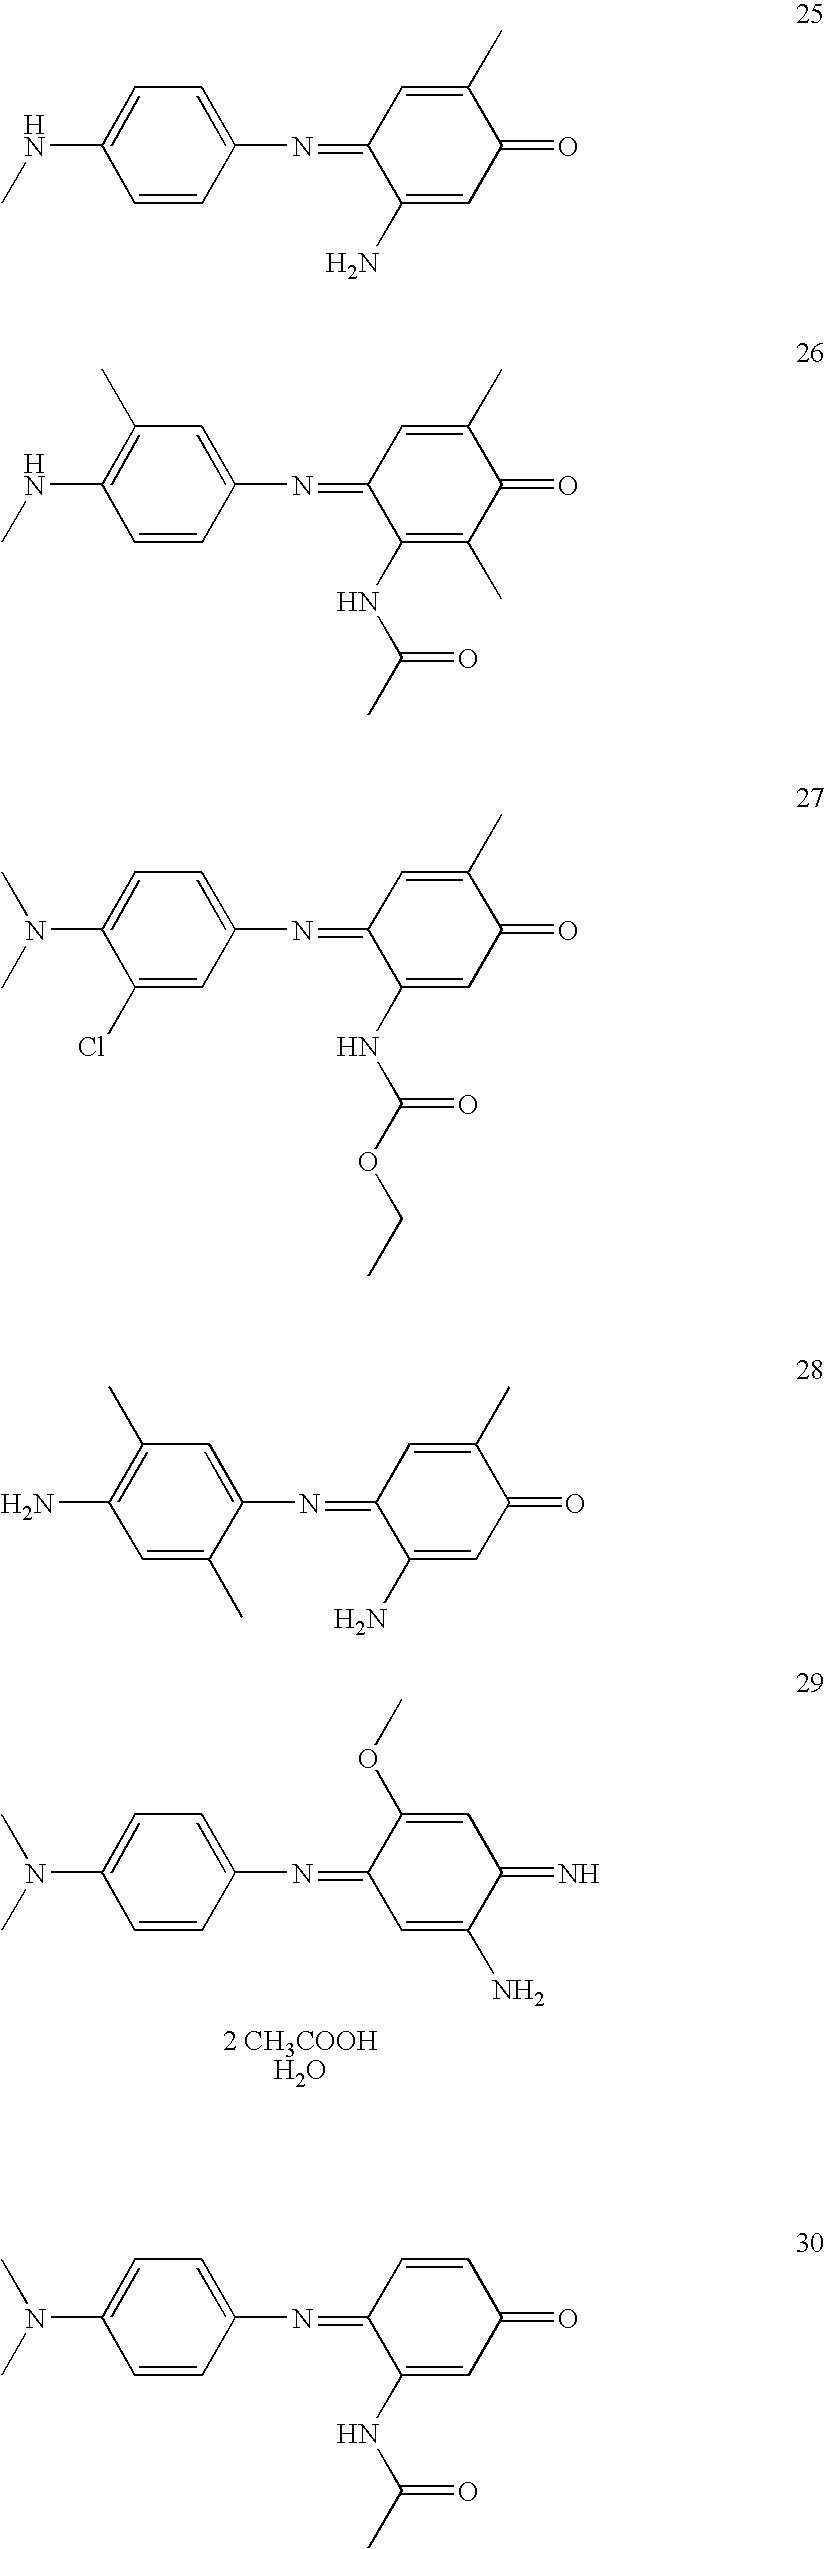 Figure US07645304-20100112-C00017